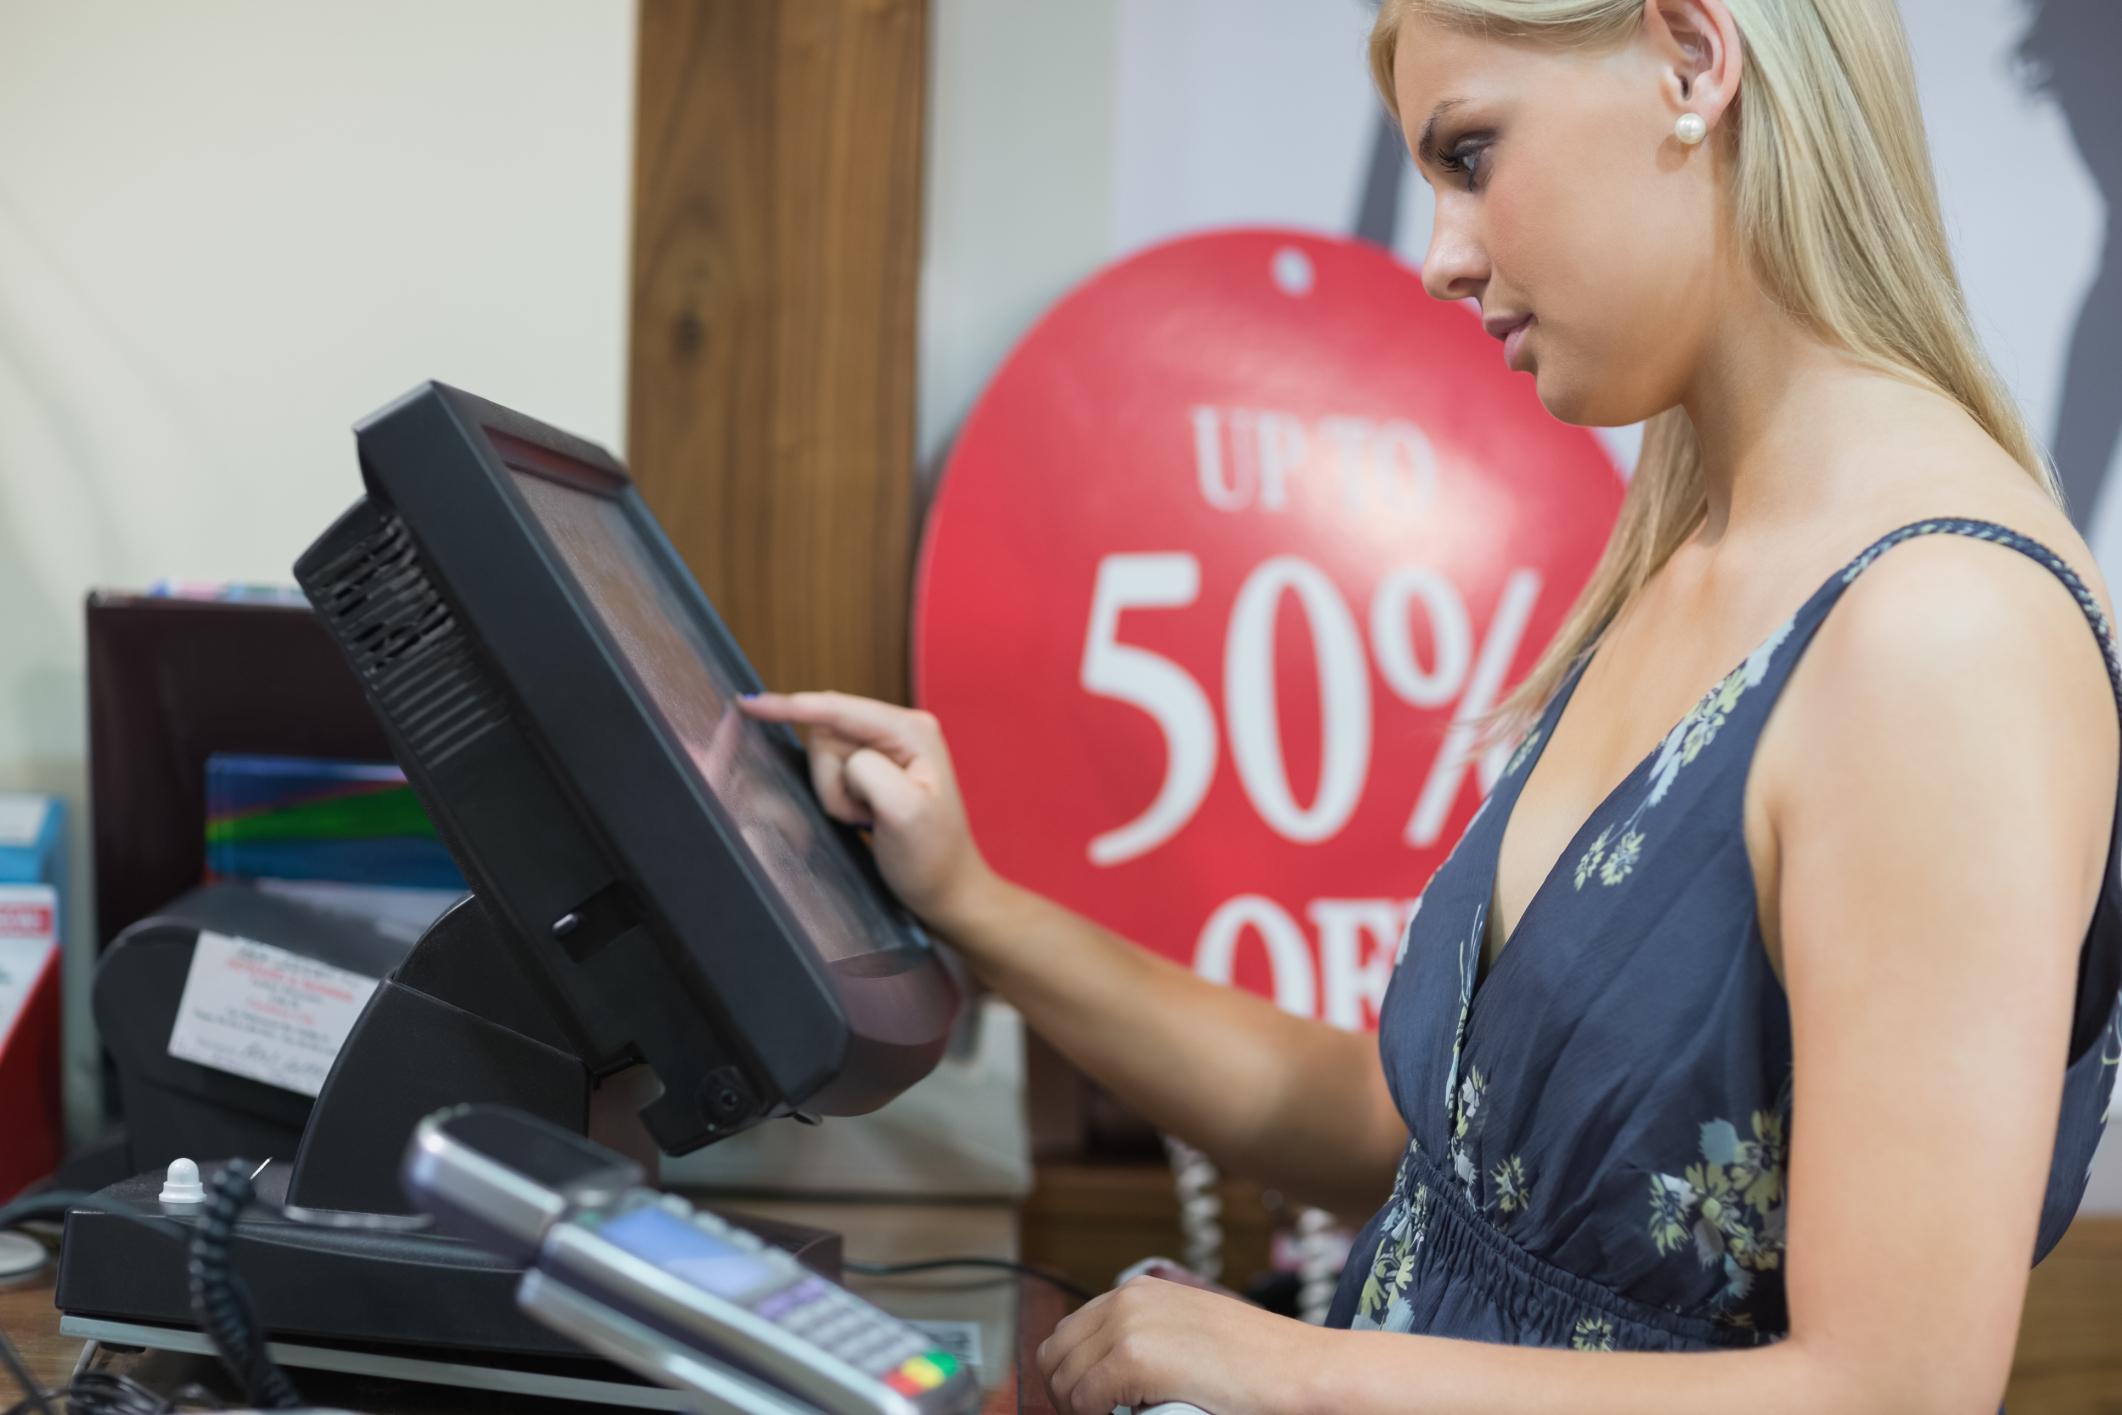 job duties as a cashier at cvs